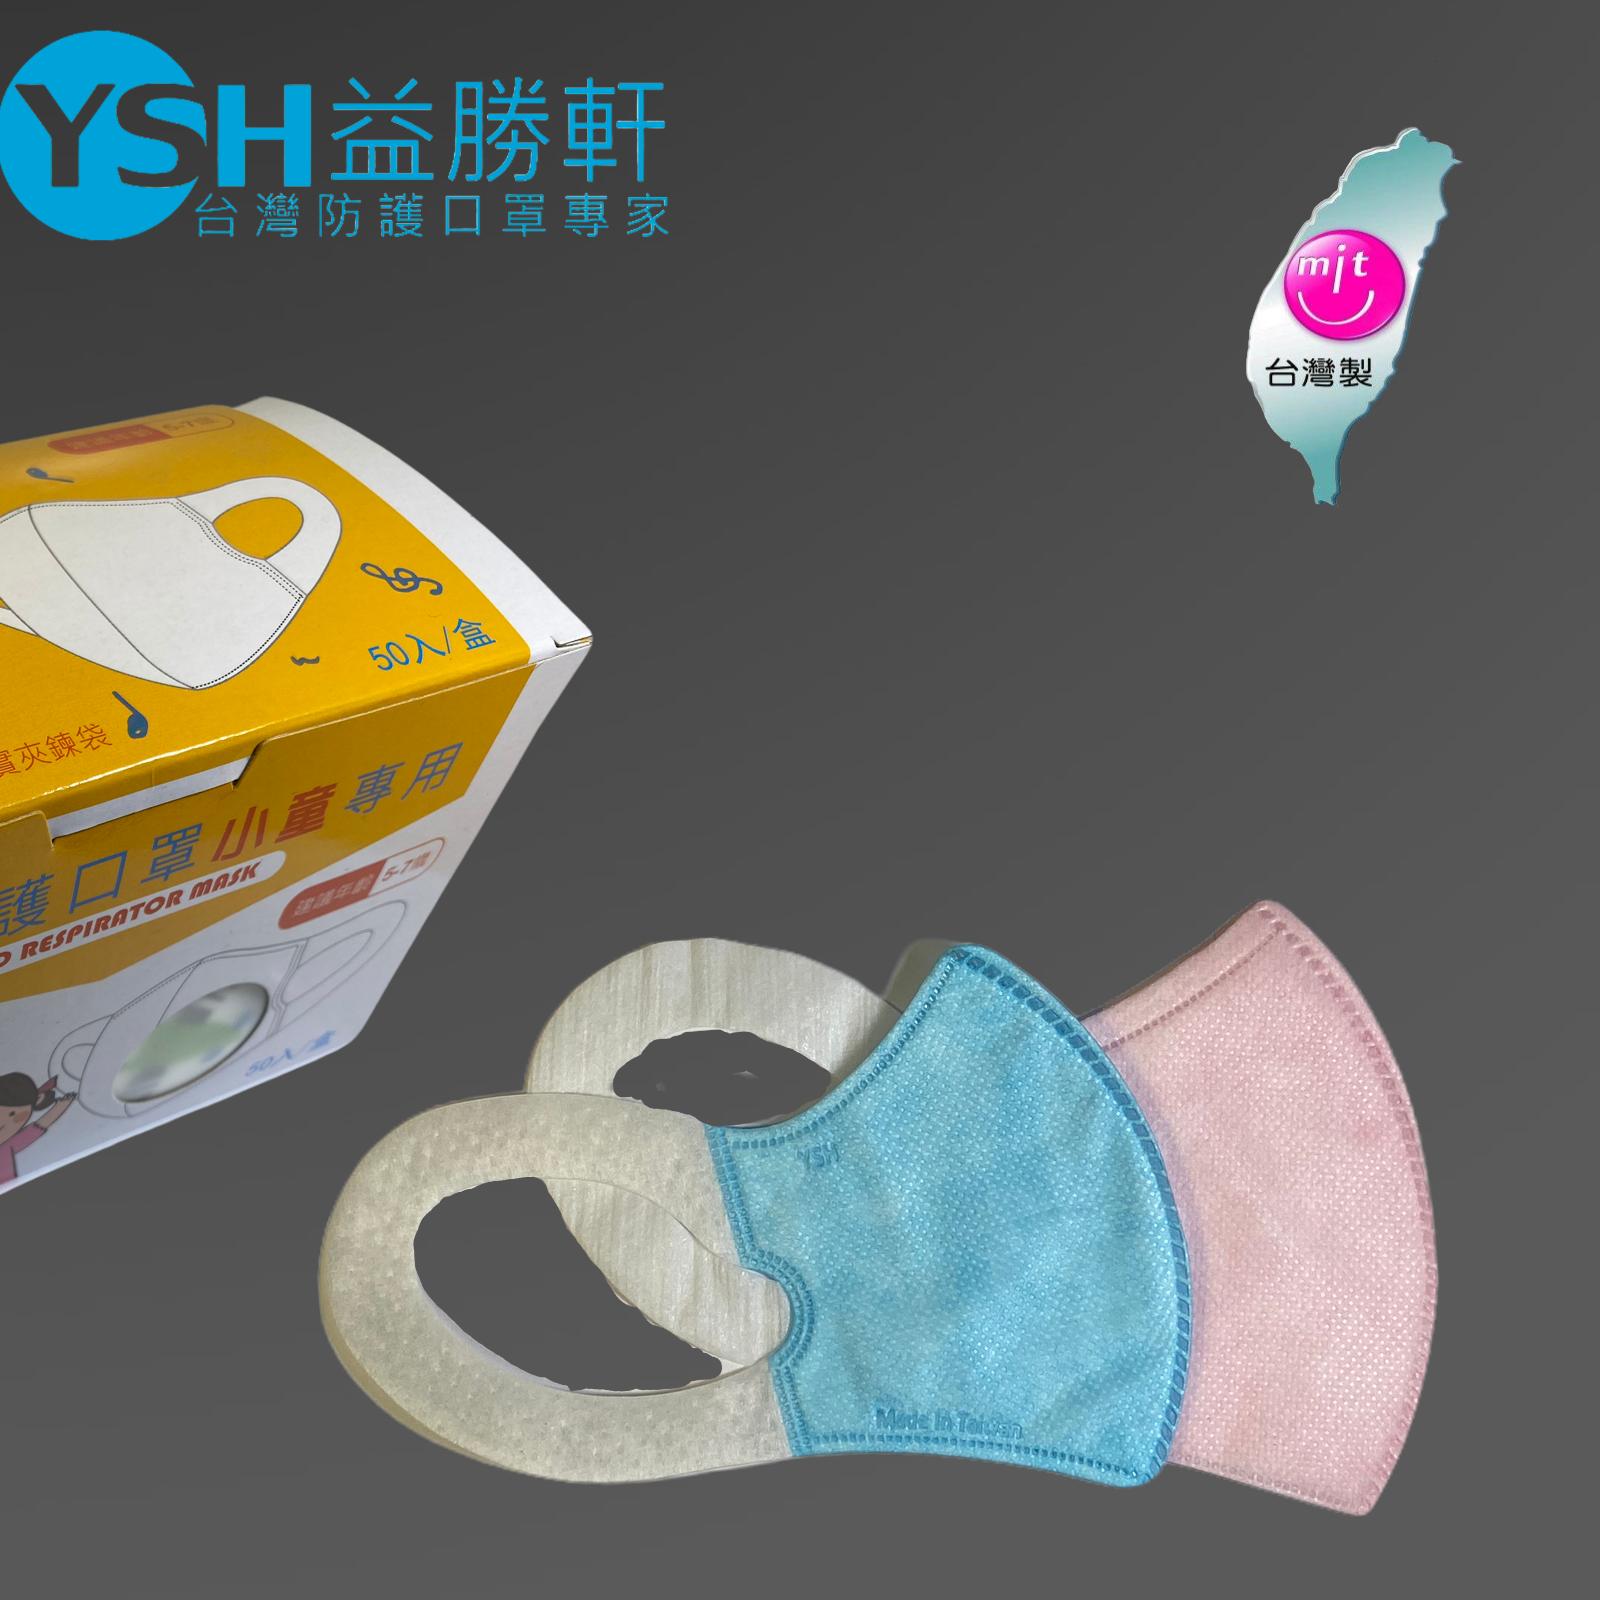 疫情嚴峻一起守護家園!!!台灣加油!!! ~全館下殺7折~ YSH益勝軒 小童3D立體口罩-天空藍  (非醫療) 50入/盒